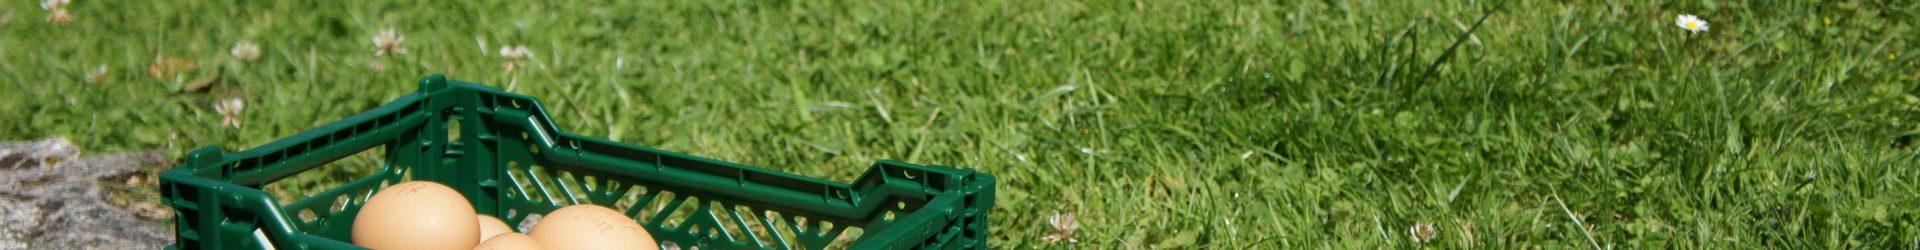 Контейнеры складывающиеся пластиковые — удобные и практичные